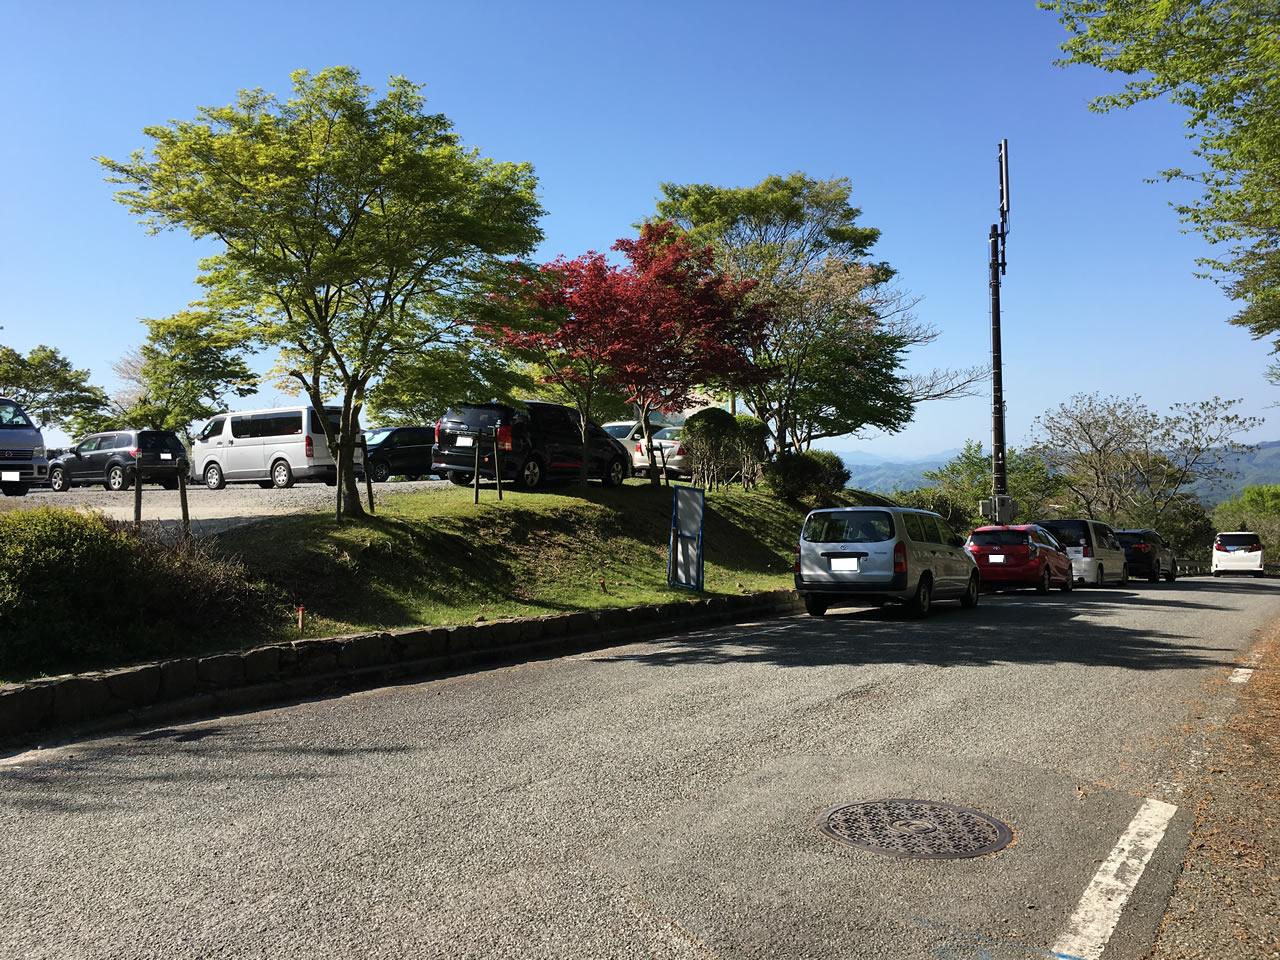 多紀連山県立自然公園の駐車場はいっぱい